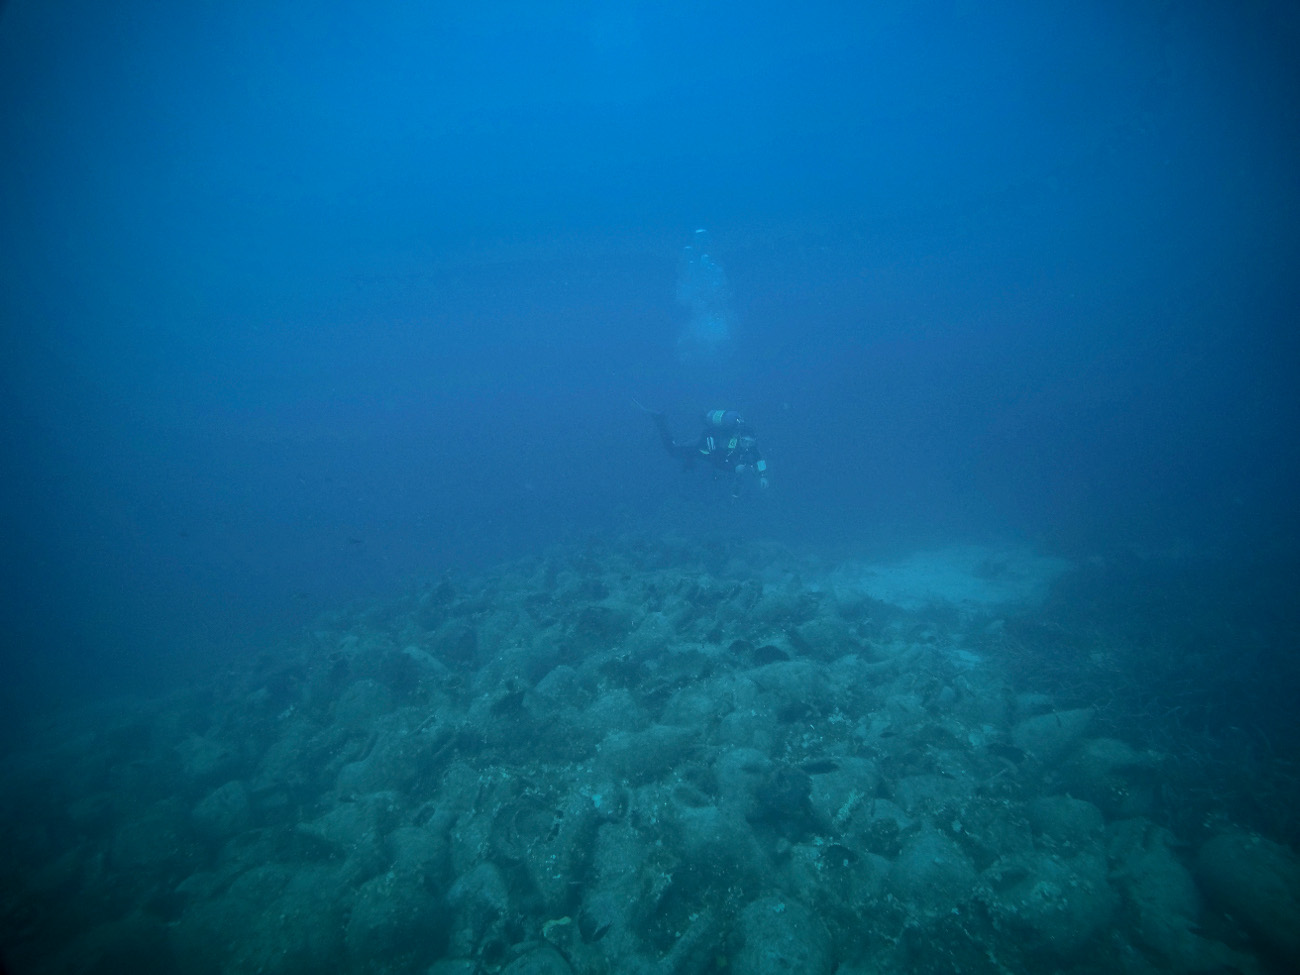 Δύτης εξερευνά τον ασύλληπτο αριθμό αμφορέων στο ναυάγιο της Περιστέρας